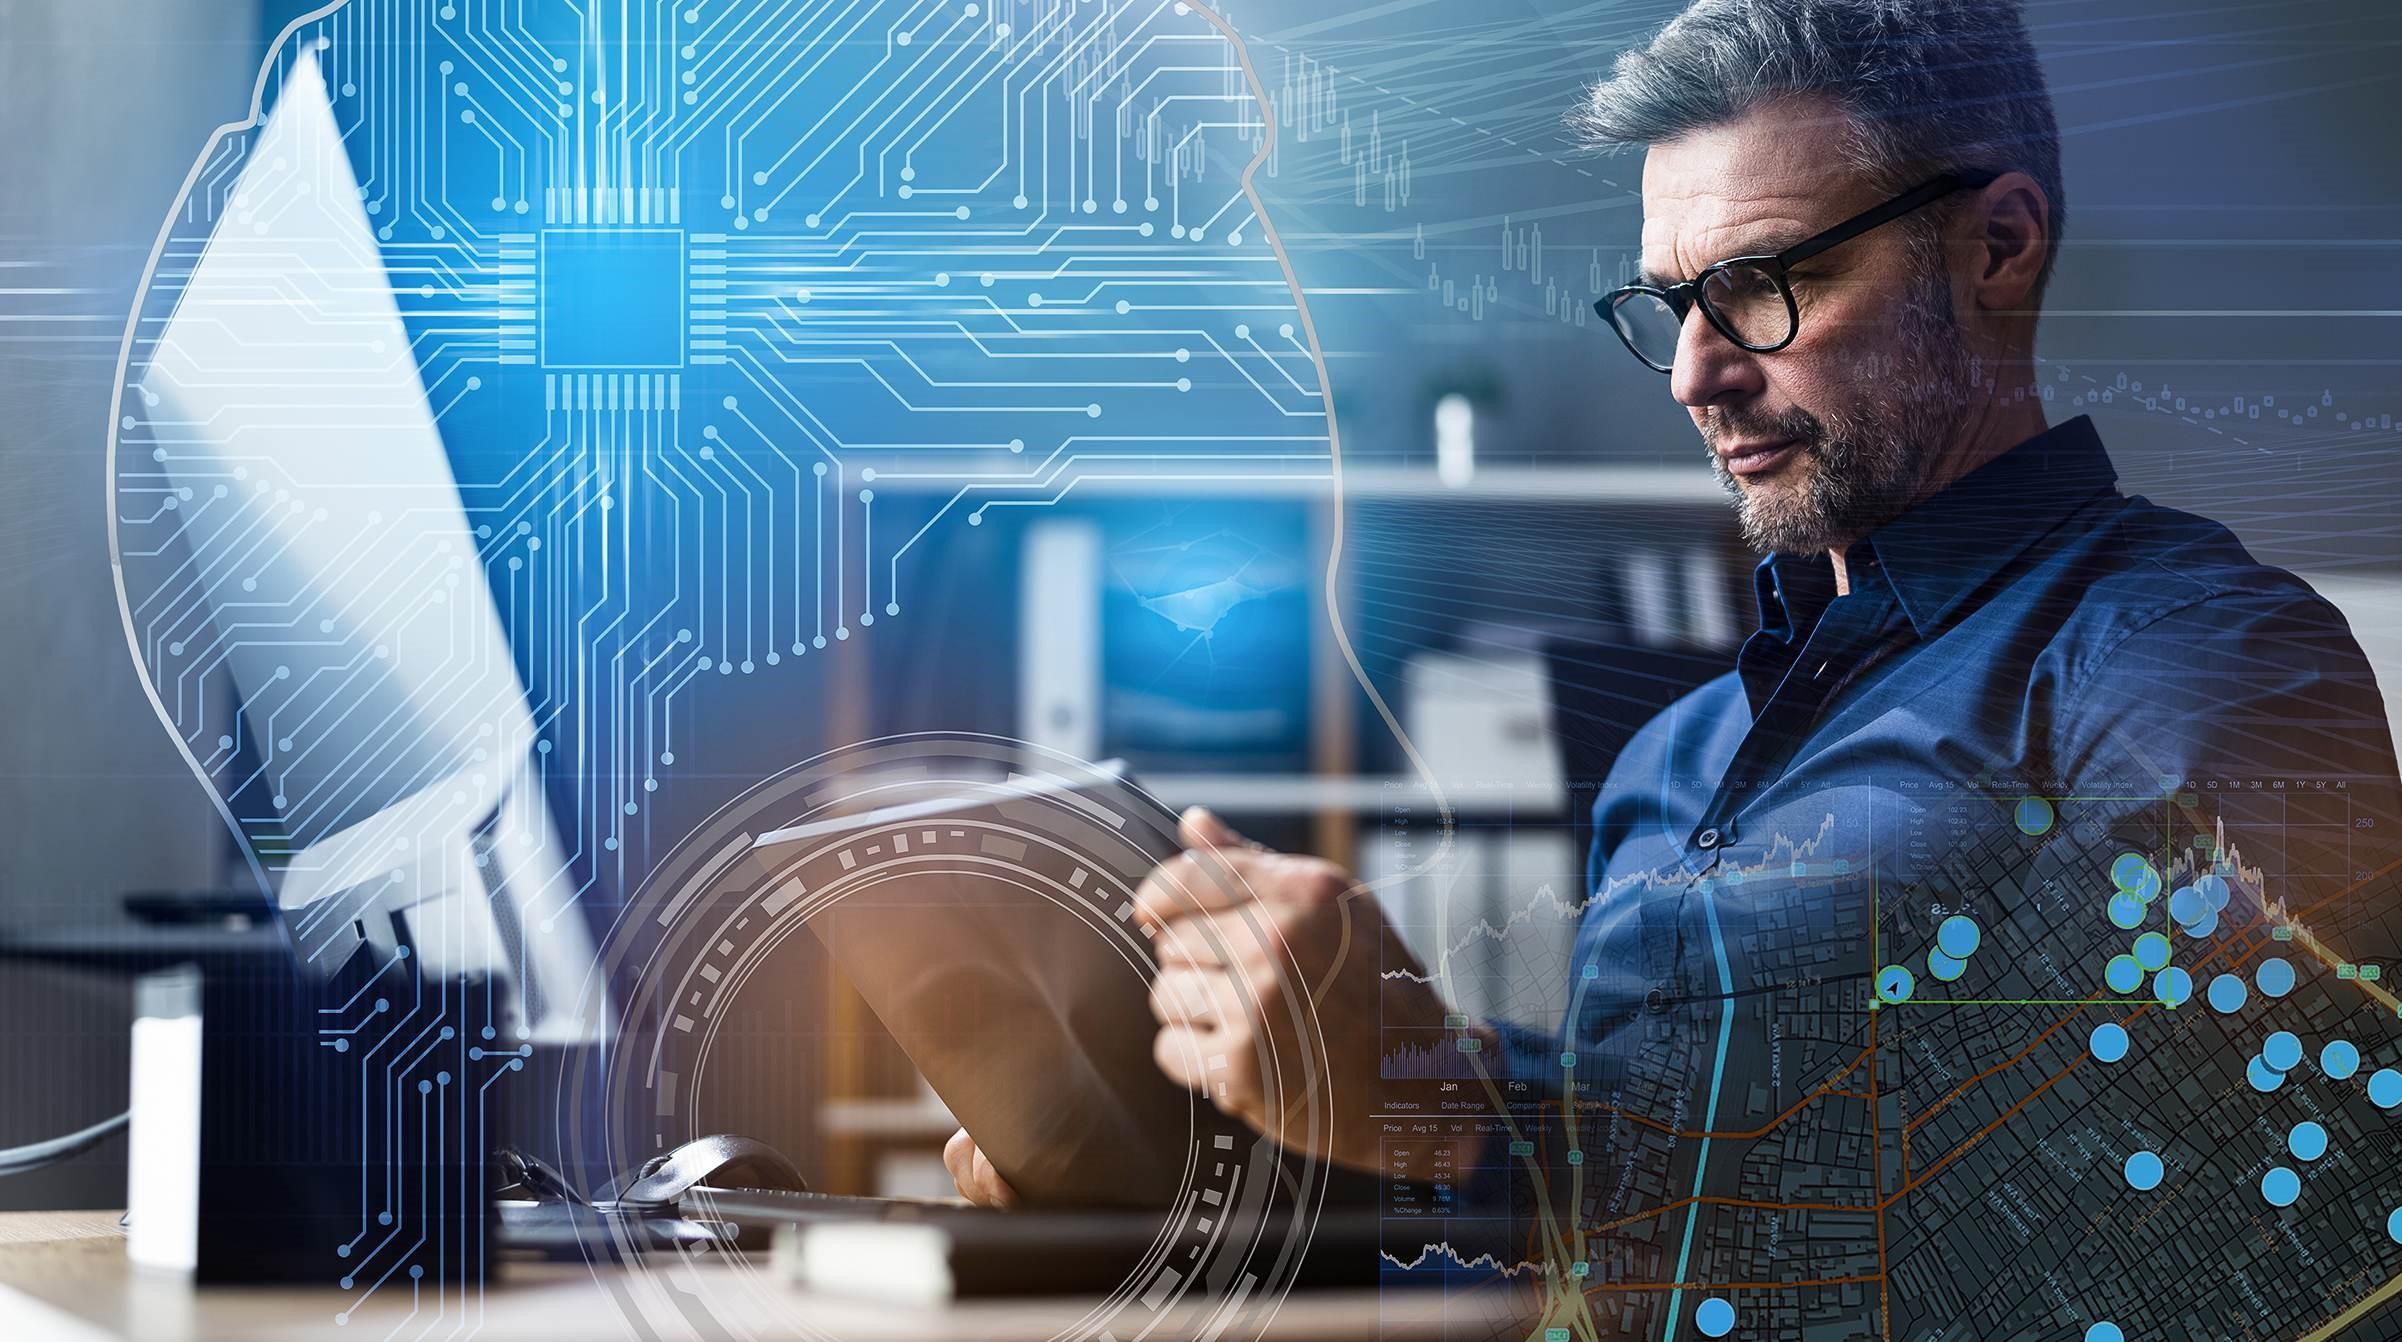 Medelålders man vid dator använder GIS och AI